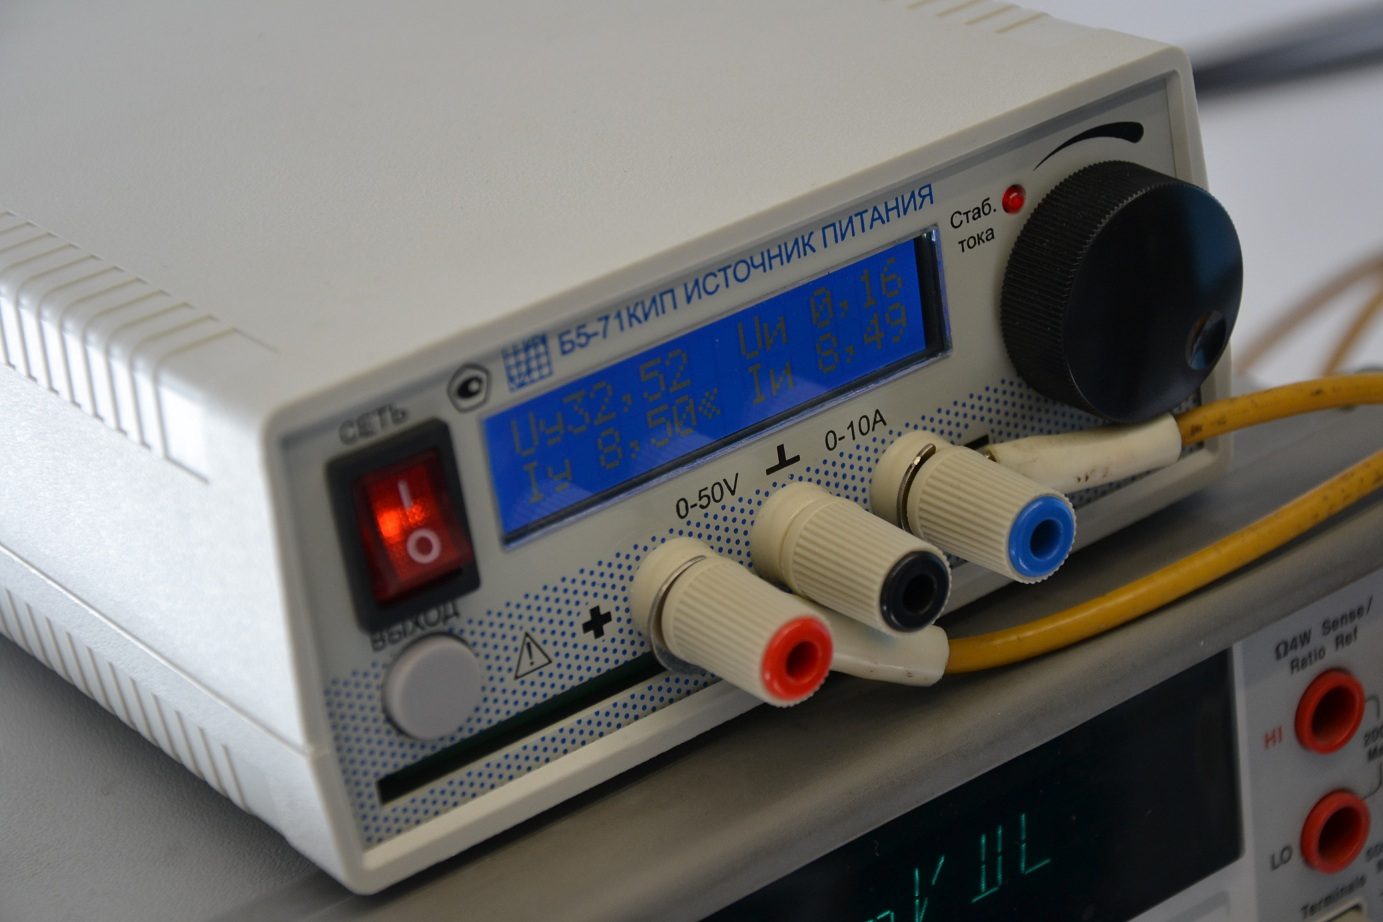 Лабораторный источник питания Б5-71 КИП